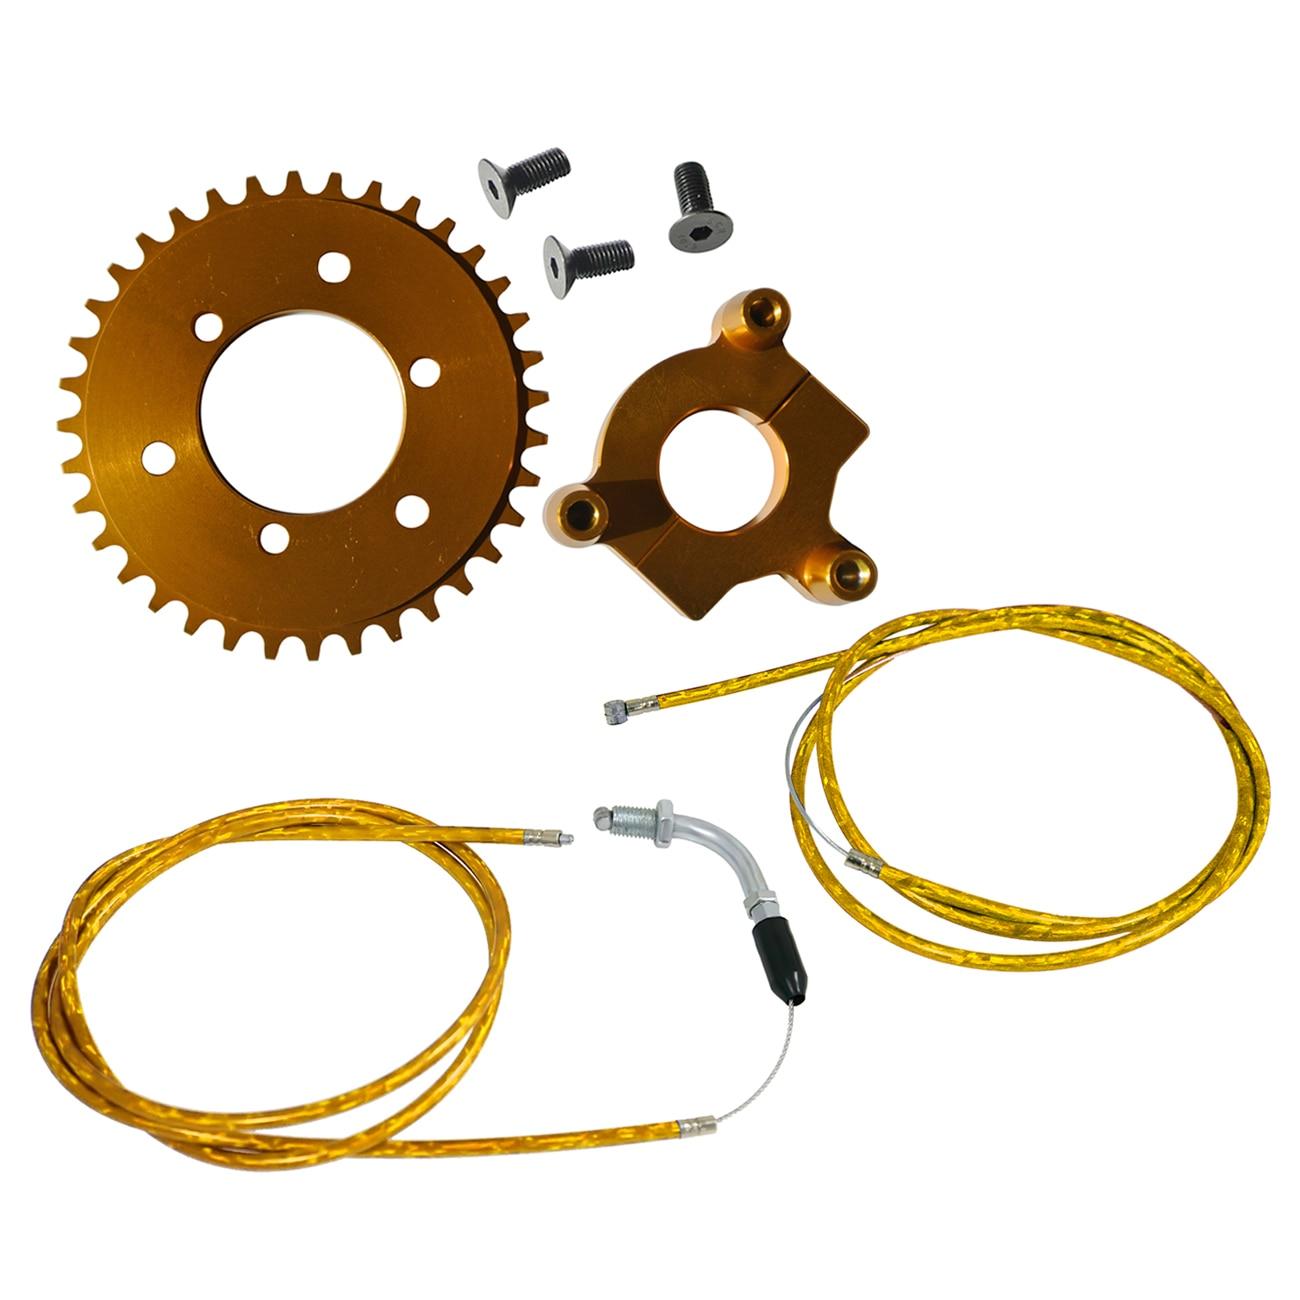 CNC 36 T pignon et ligne d'accélérateur Fit 49cc 60cc 66cc 80cc vélo motorisé